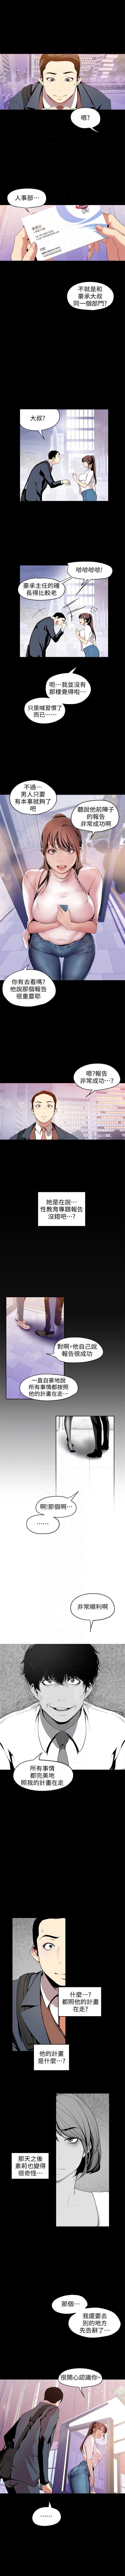 (週1)美麗新世界 1-76 中文翻譯 (更新中) 349